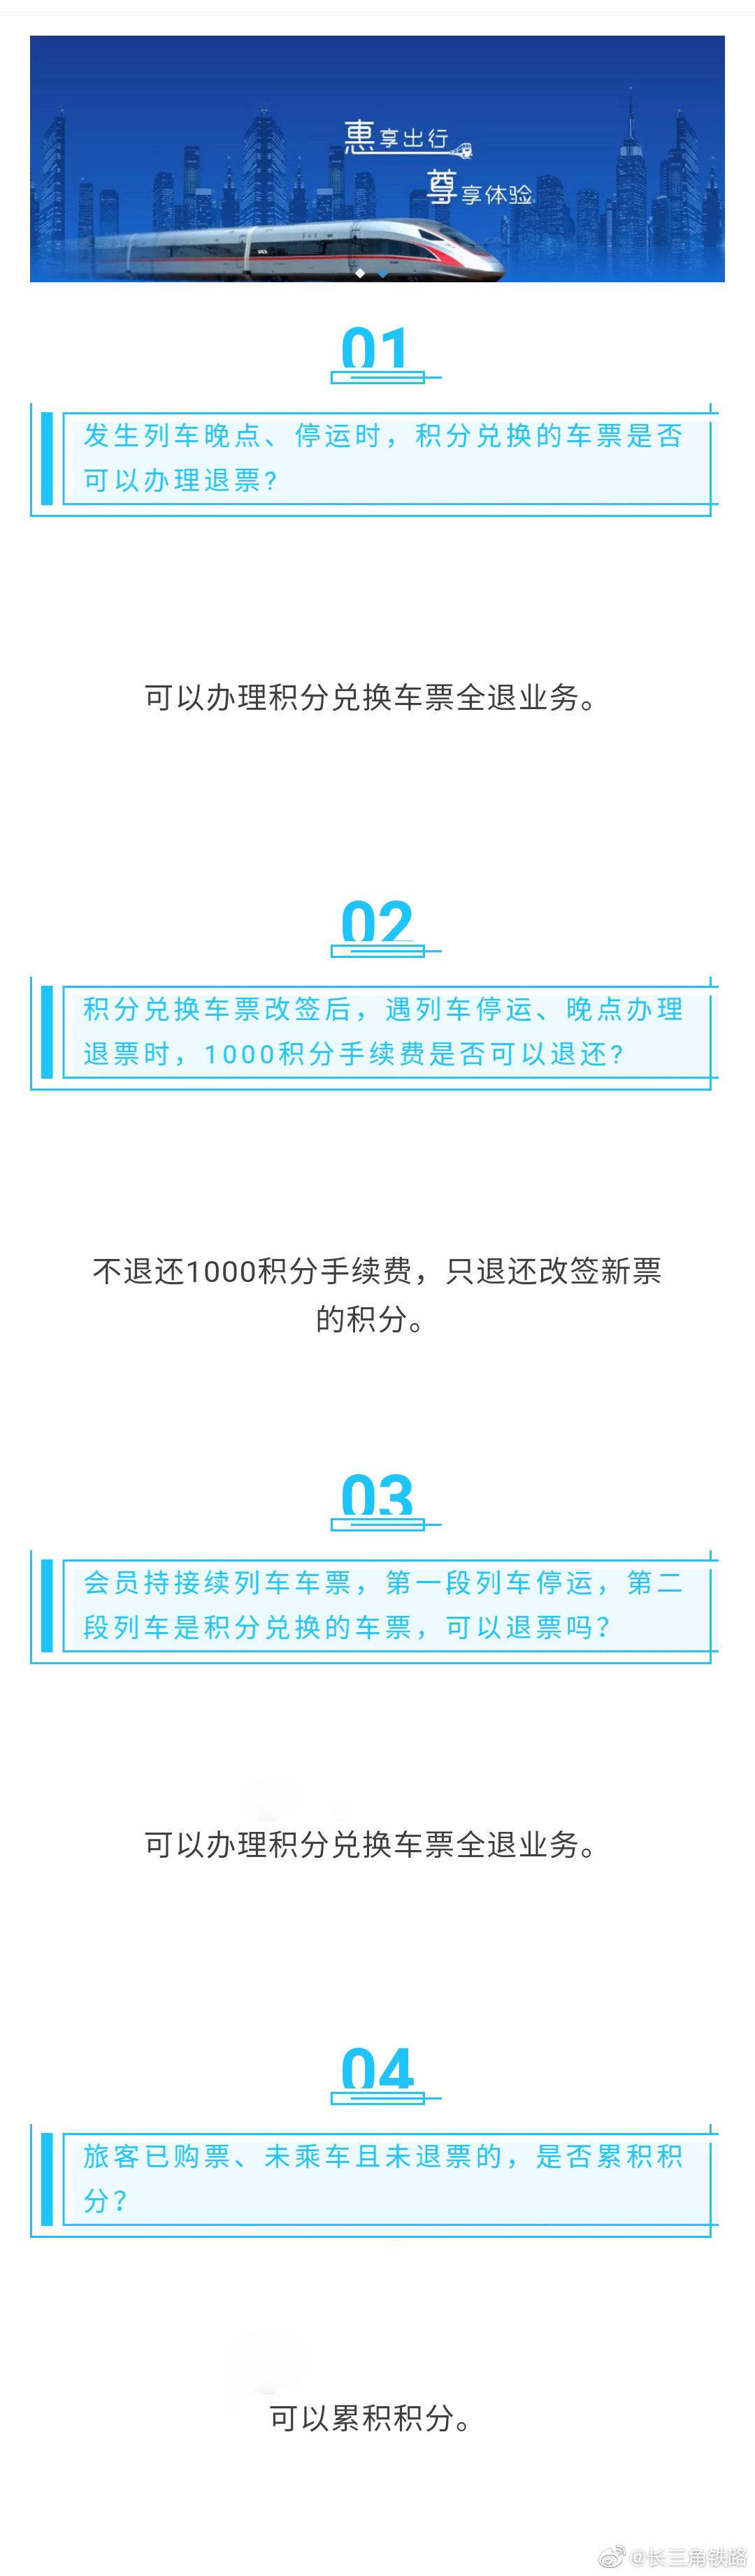 上海铁路局出行提醒